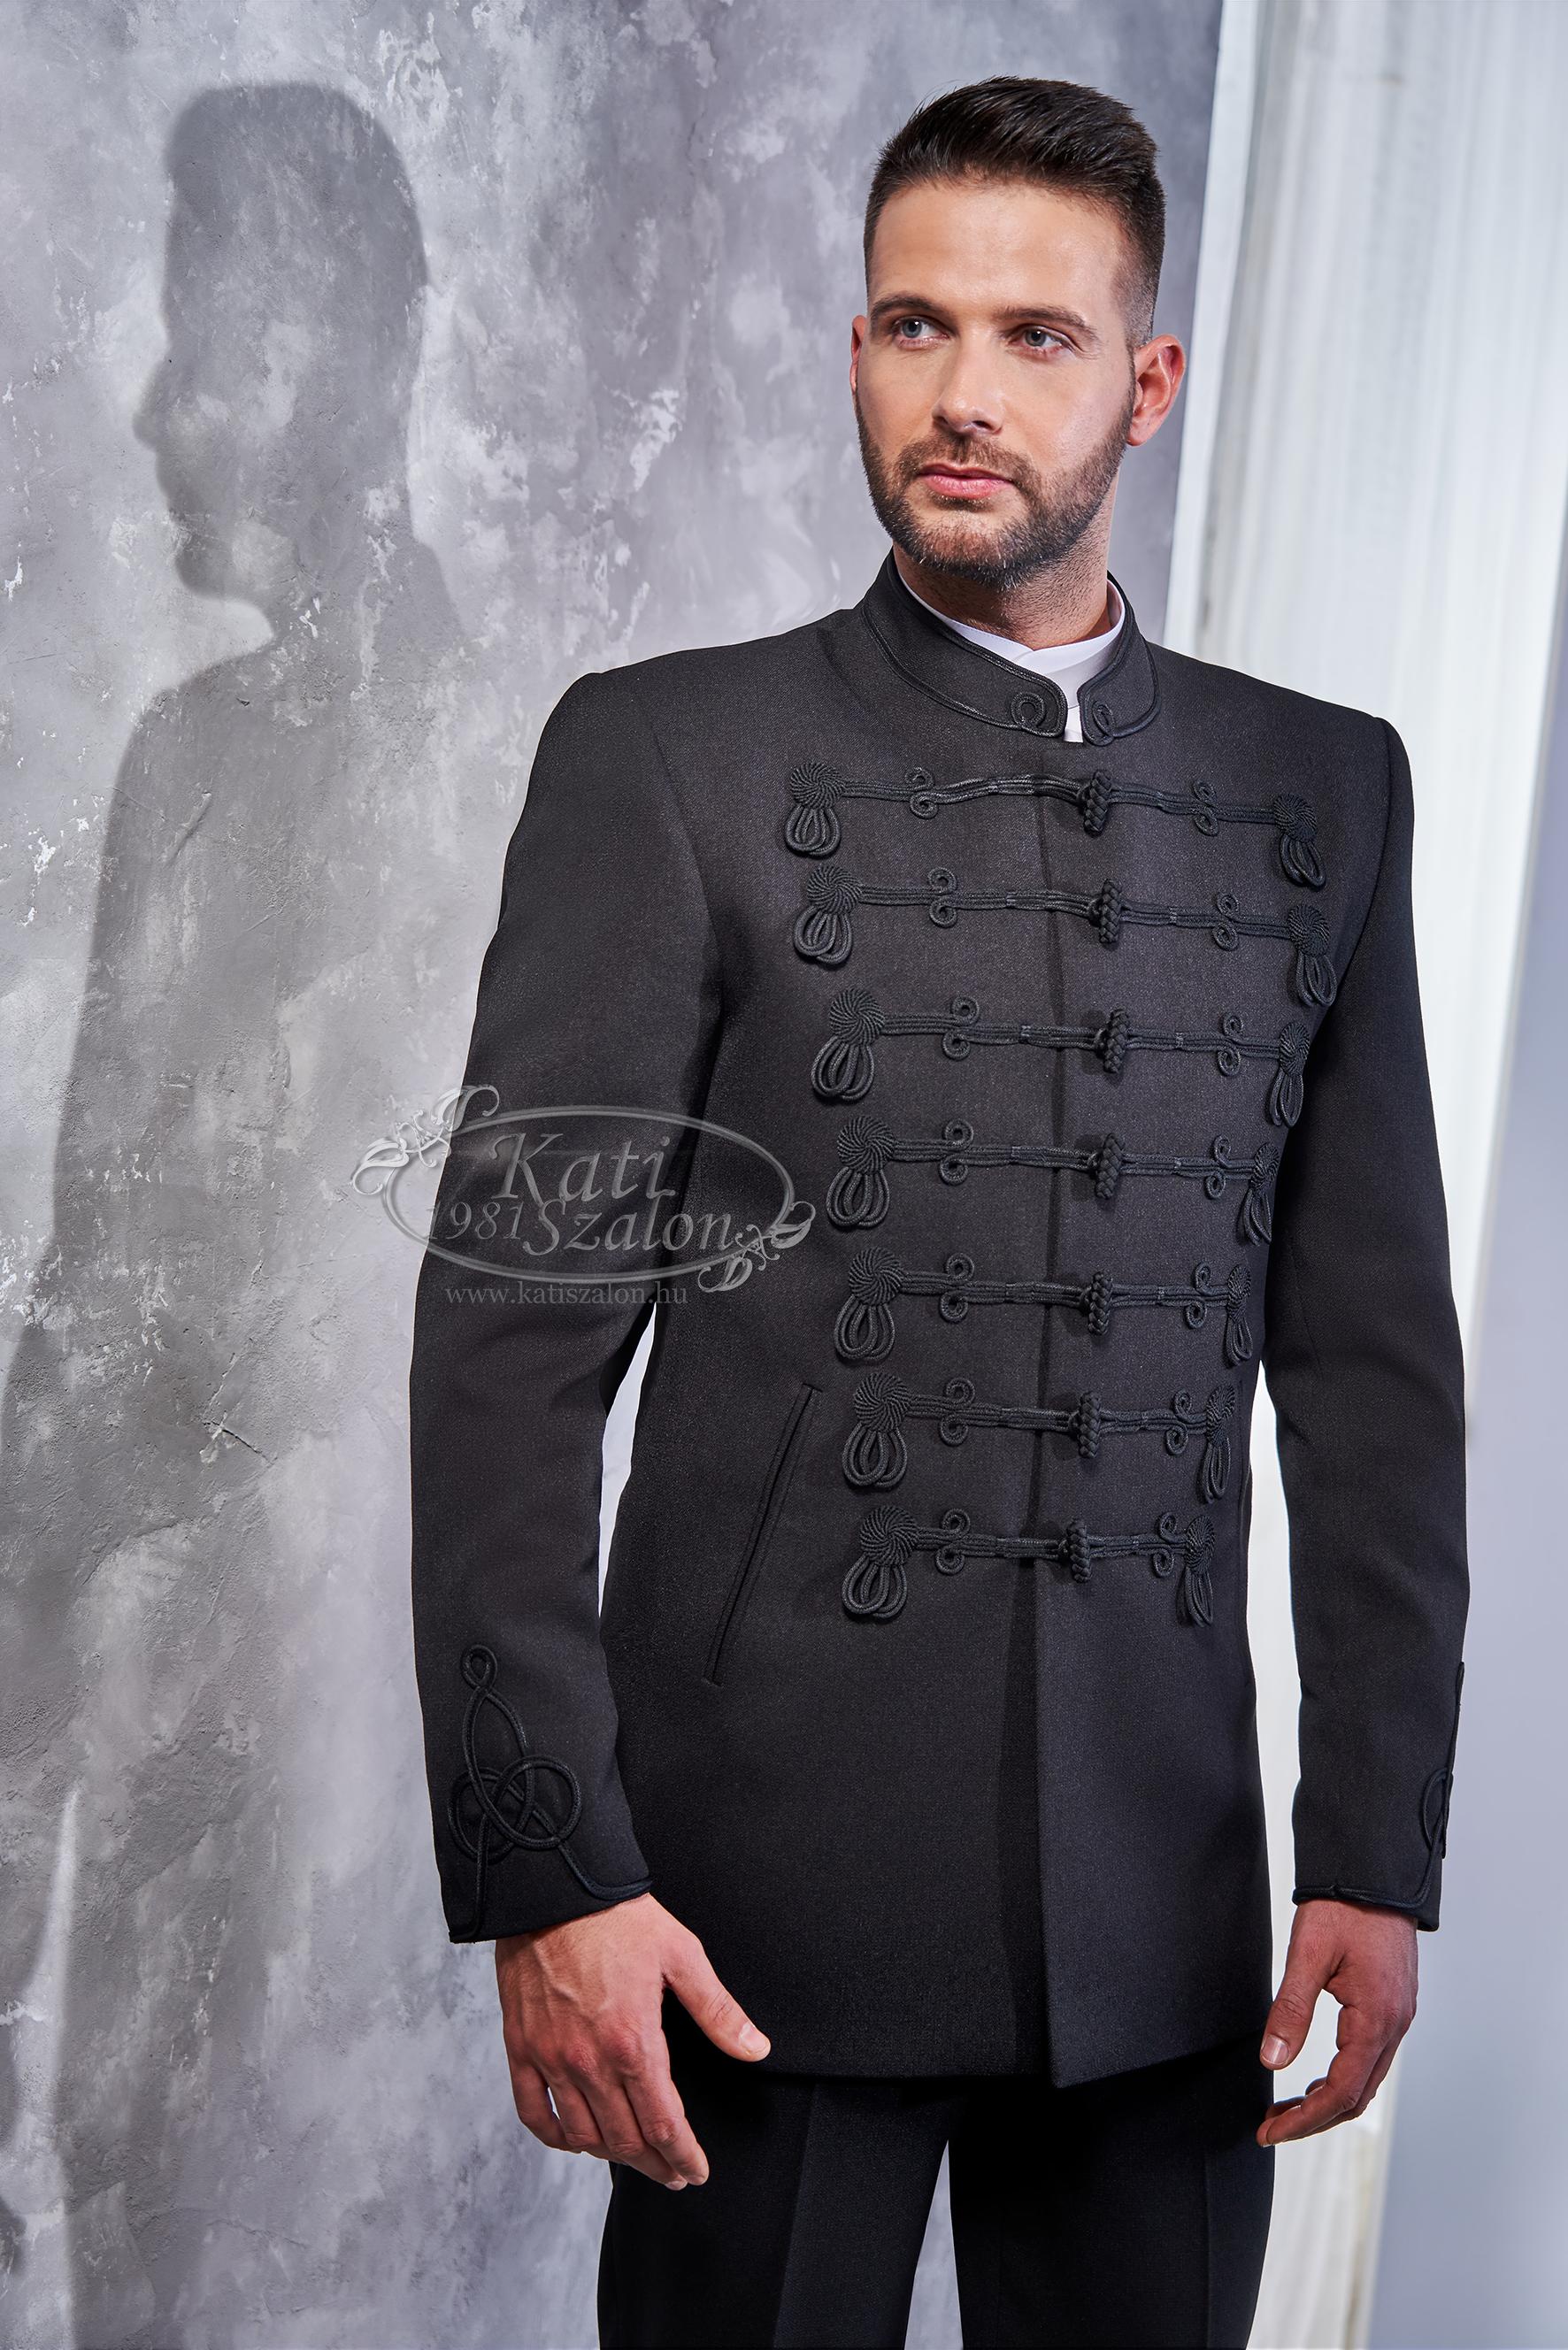 Attila öltöny attila viselet.